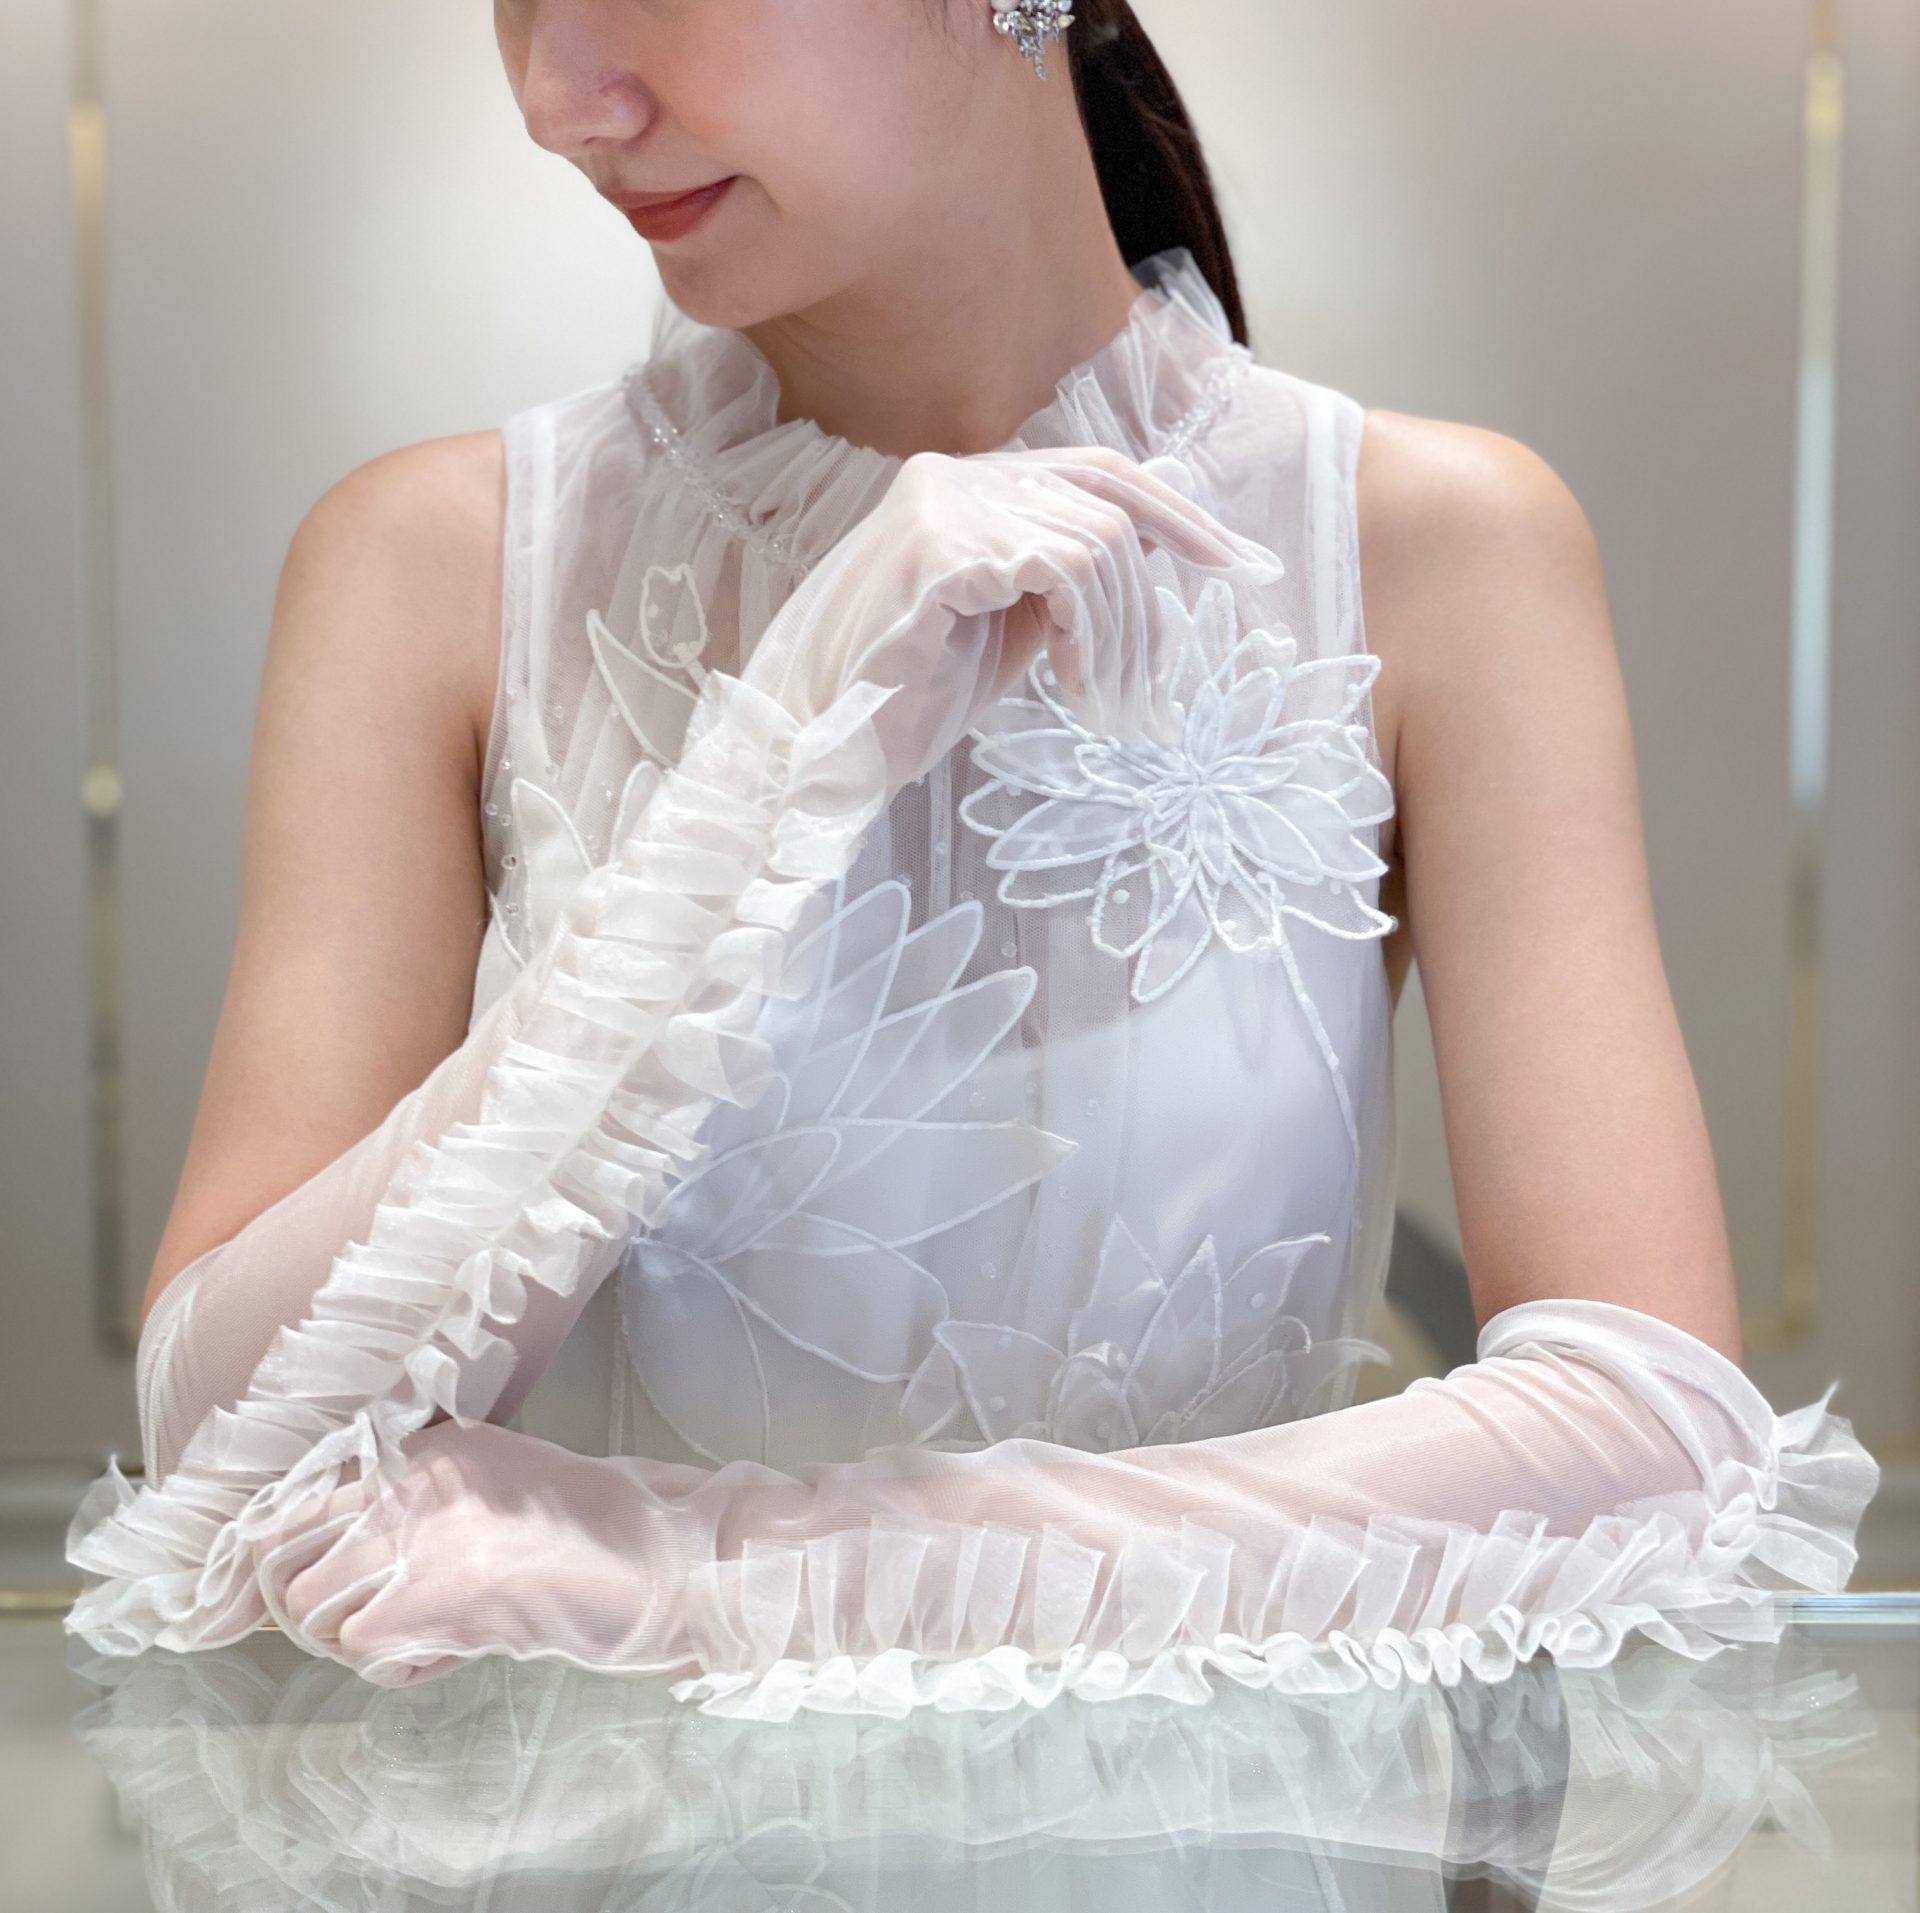 ウェディングドレスに合わせるグローブのコーディネートはTOMO KOIZUMIのフリルが綺麗なロンググローブを合わせて